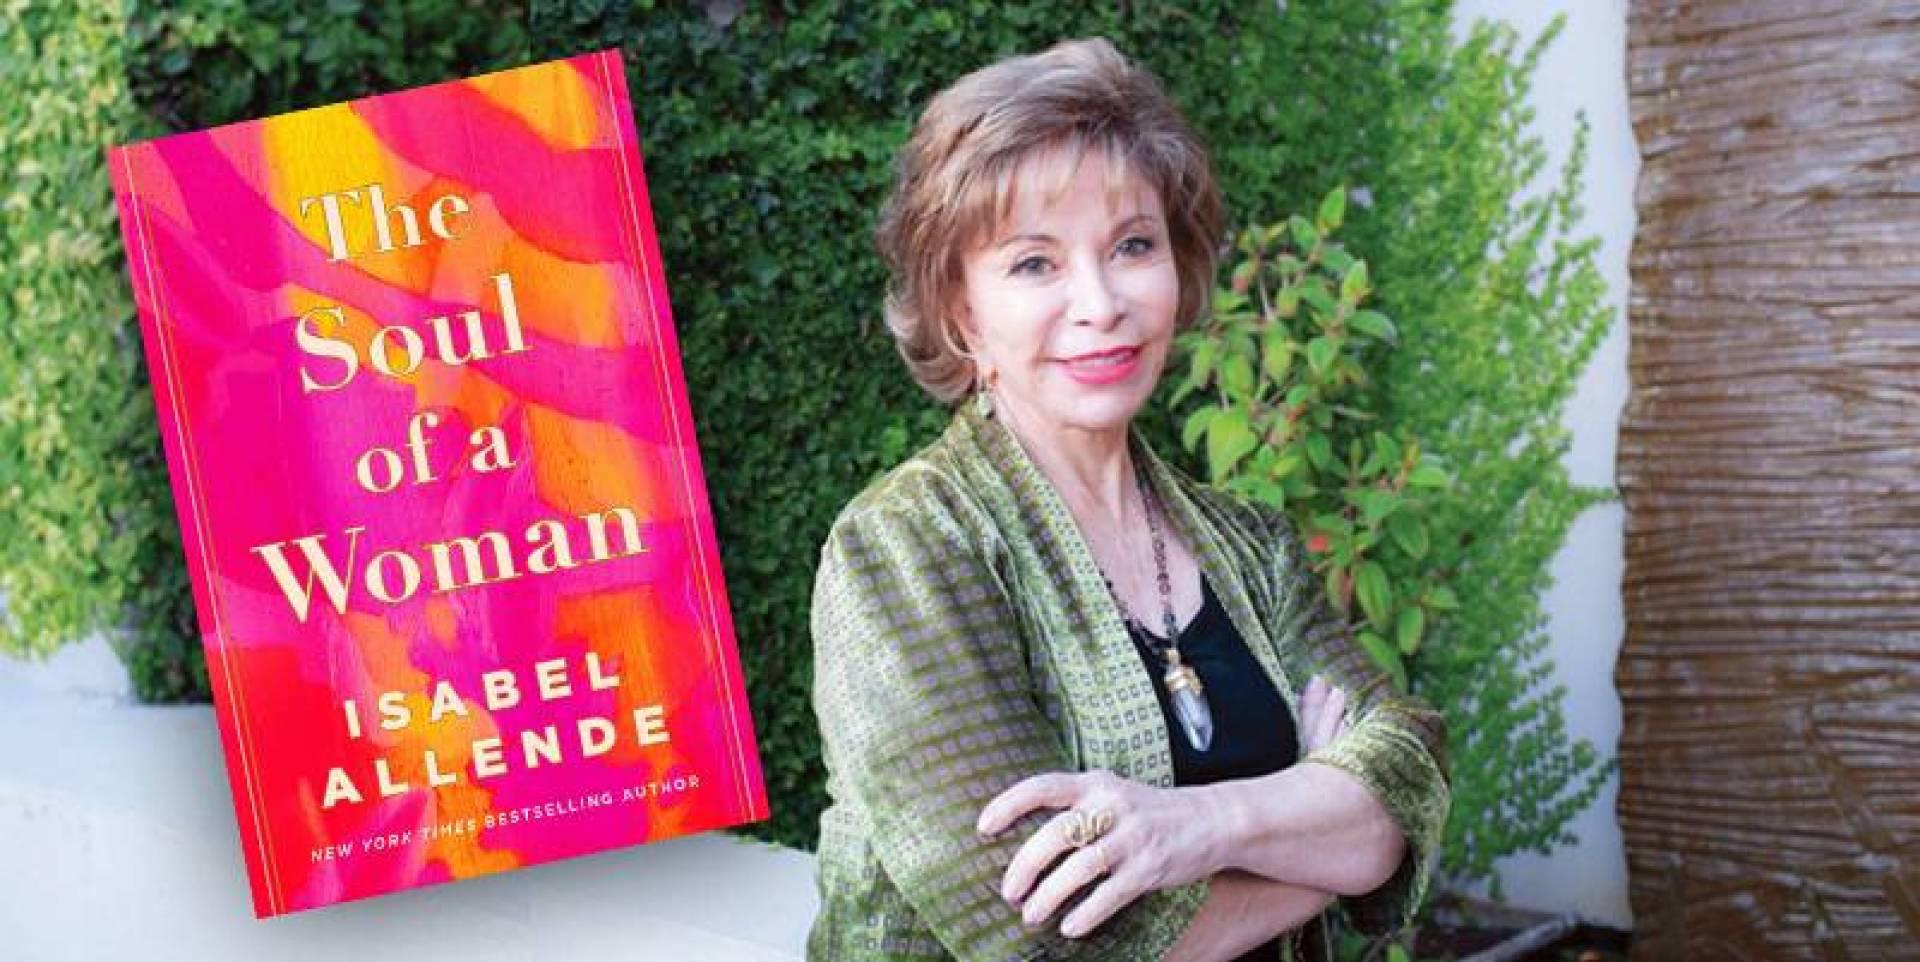 كتاب «روح امرأة»، الكاتبة التشيلية إيزابيل الليندي